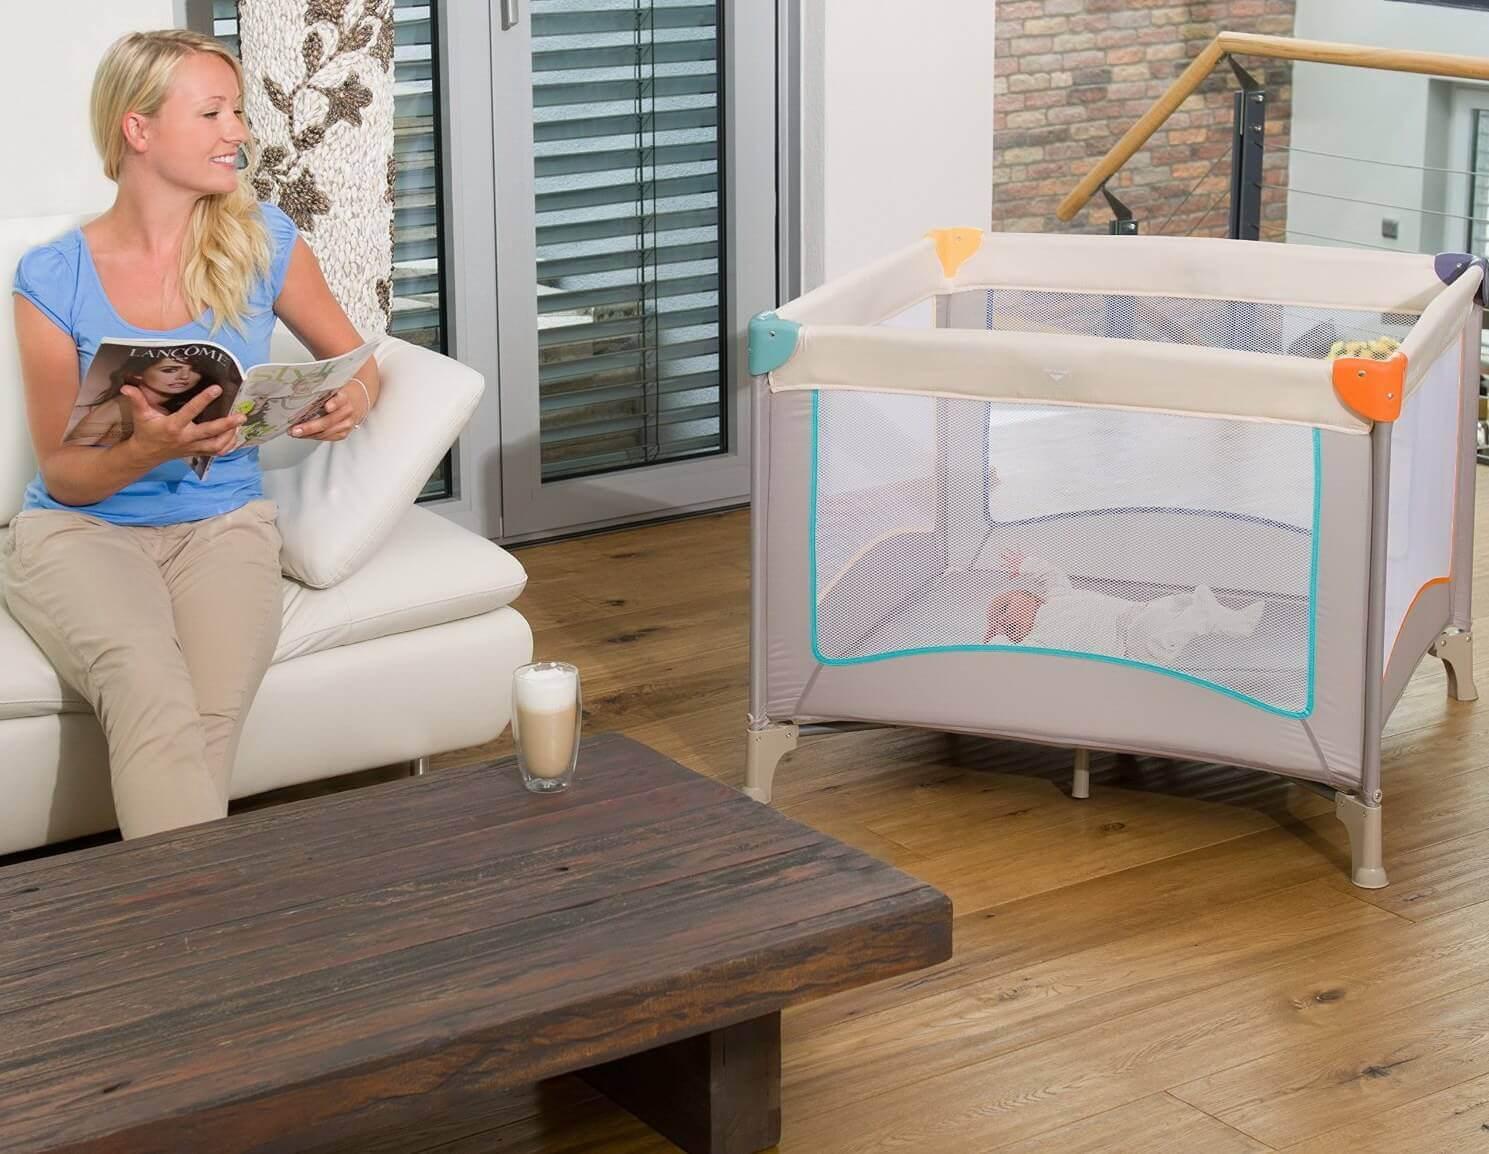 die besten reisebett 2018 im test vergleich babyreisebett kaufen im oktober 2018. Black Bedroom Furniture Sets. Home Design Ideas